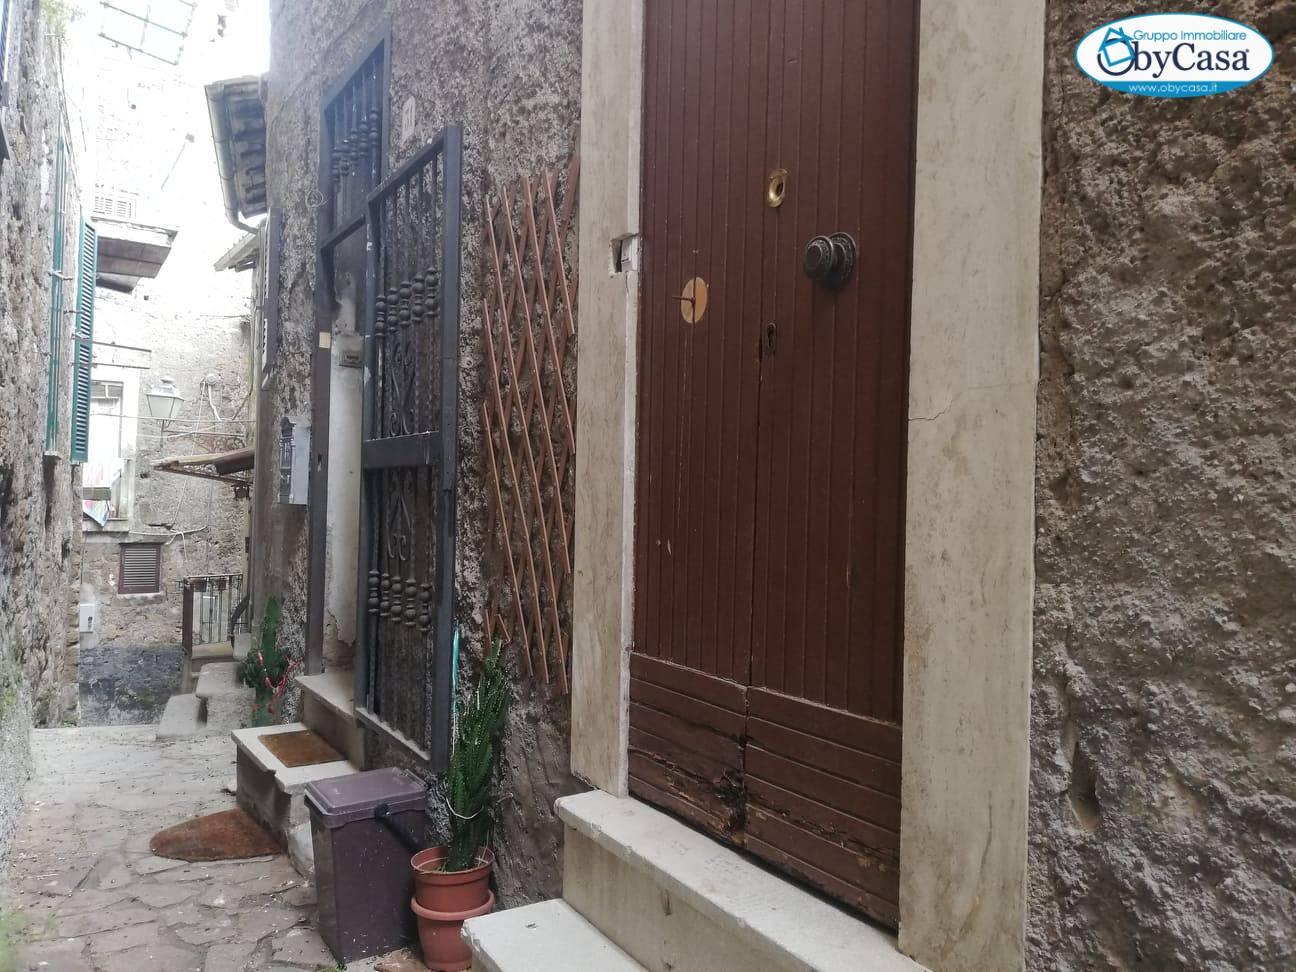 Soluzione Indipendente in vendita a Bassano Romano, 3 locali, zona Località: bassanoromano, prezzo € 16.000   CambioCasa.it